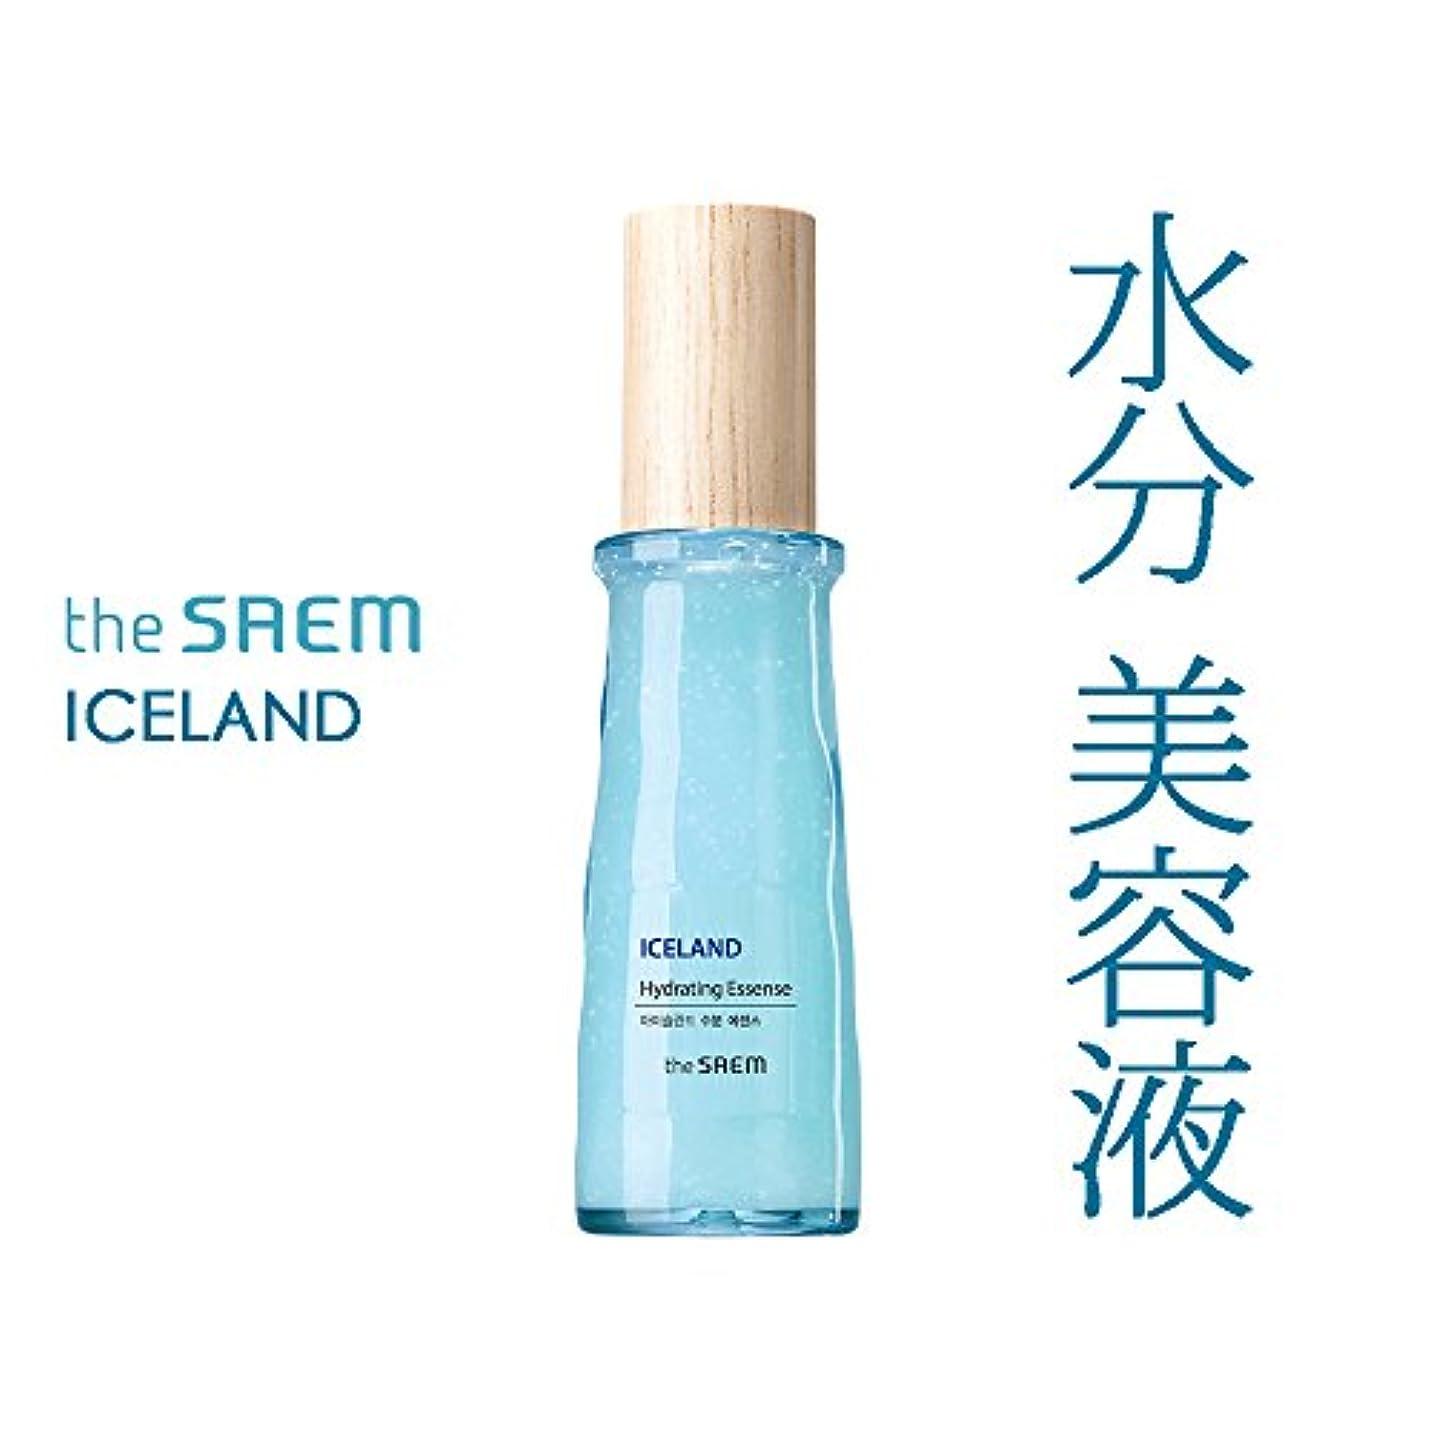 パブ役立つ食べるザ セム The saem アイスランド 水分 美容液 エッセンス The Saem Iceland Hydrating Essence 60ml